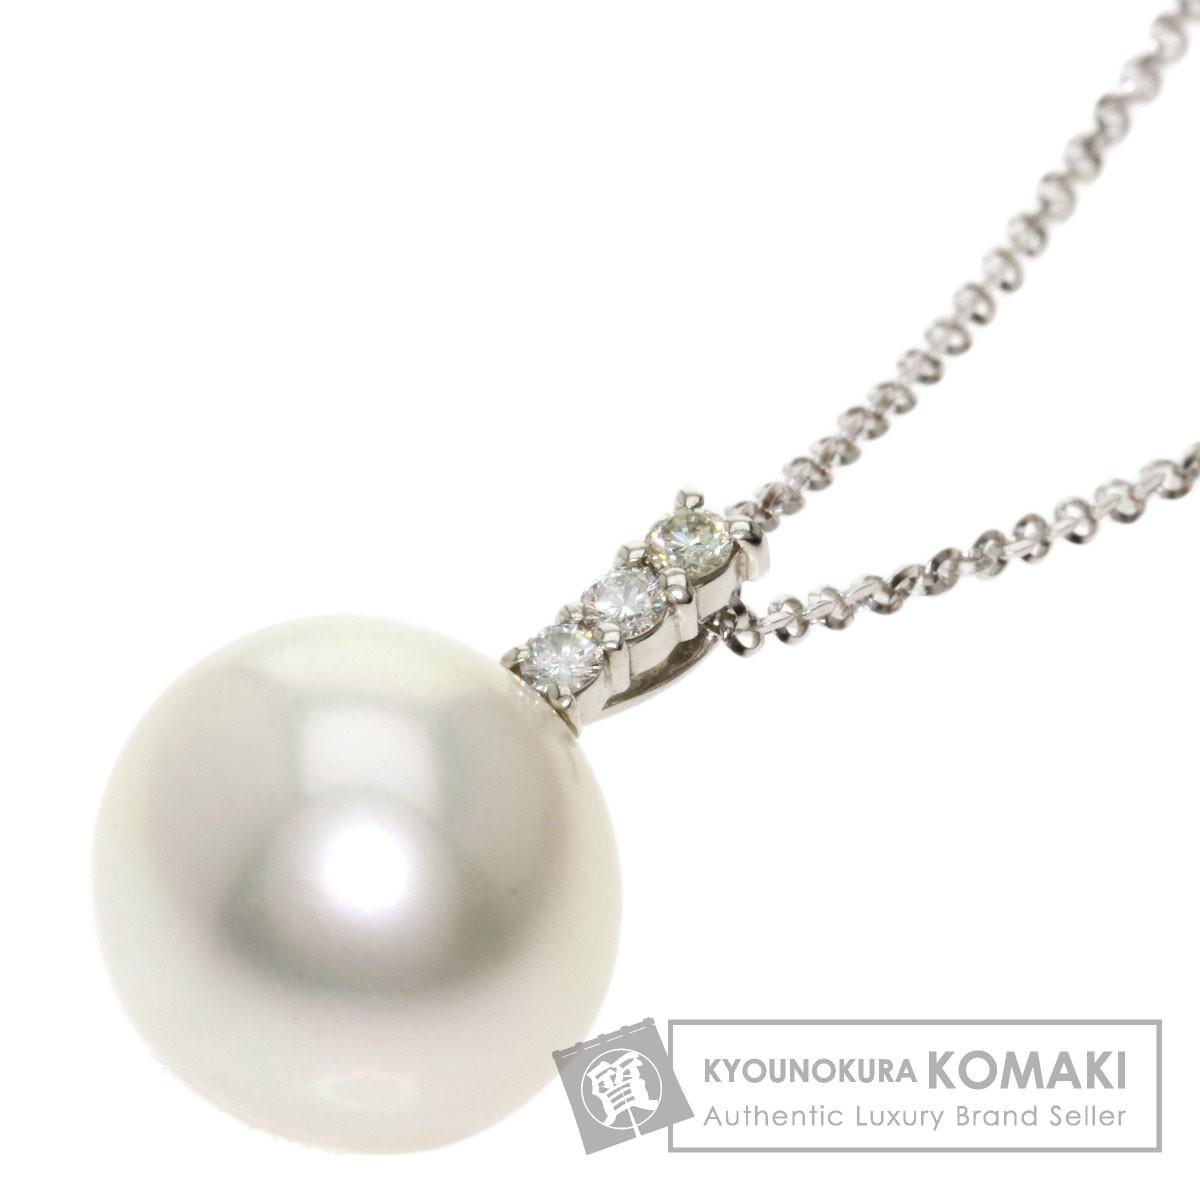 南洋パール 真珠 ダイヤモンド ネックレス K18ホワイトゴールド レディース 【中古】